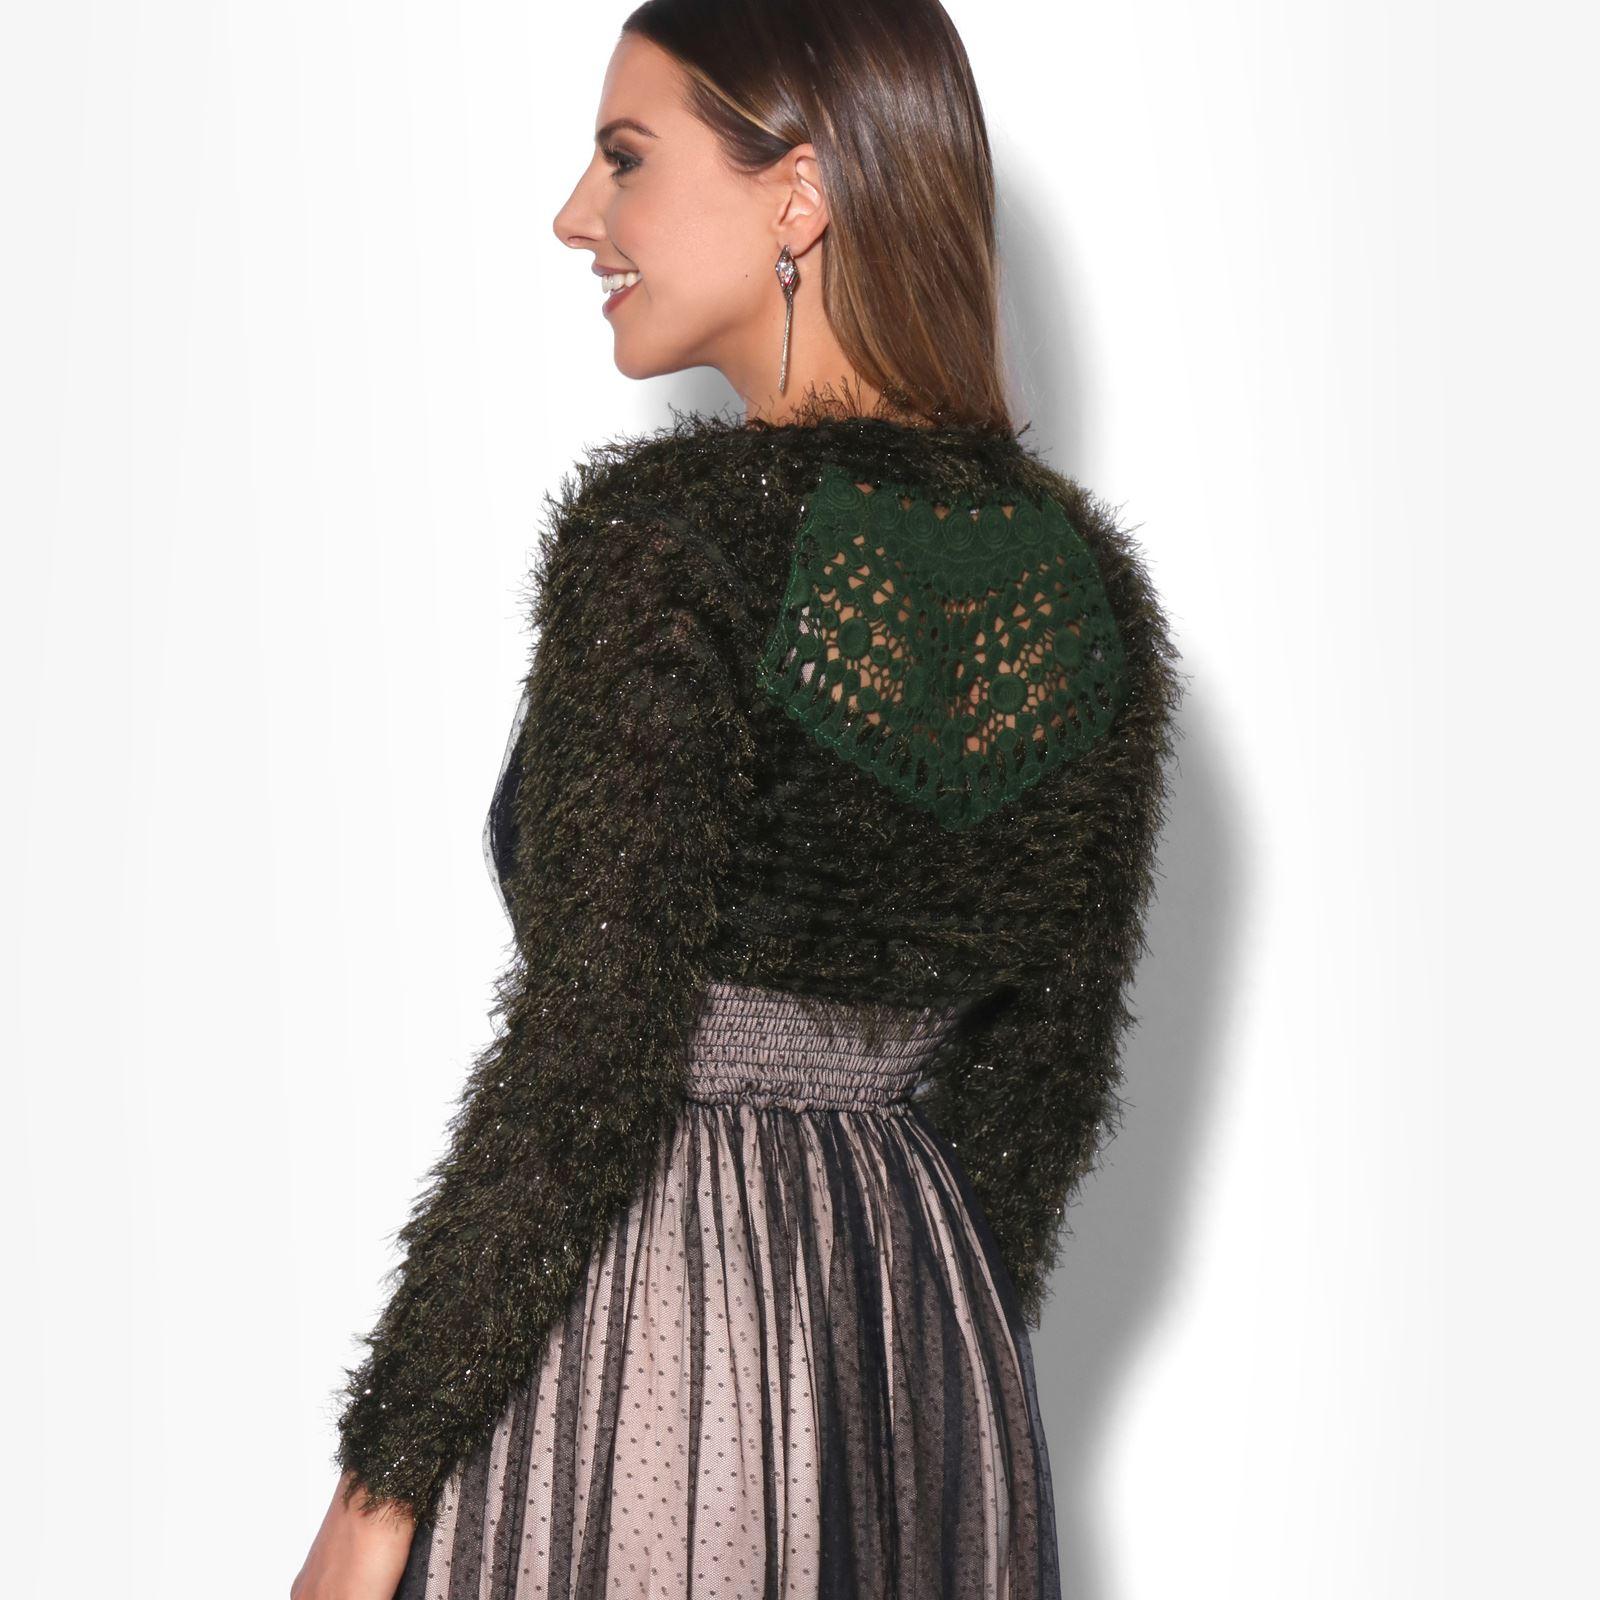 KRISP-Damen-Bolero-Jacke-Kurzes-Jaeckchen-Elegante-Schulterjacke-Blazer-Frauen Indexbild 5